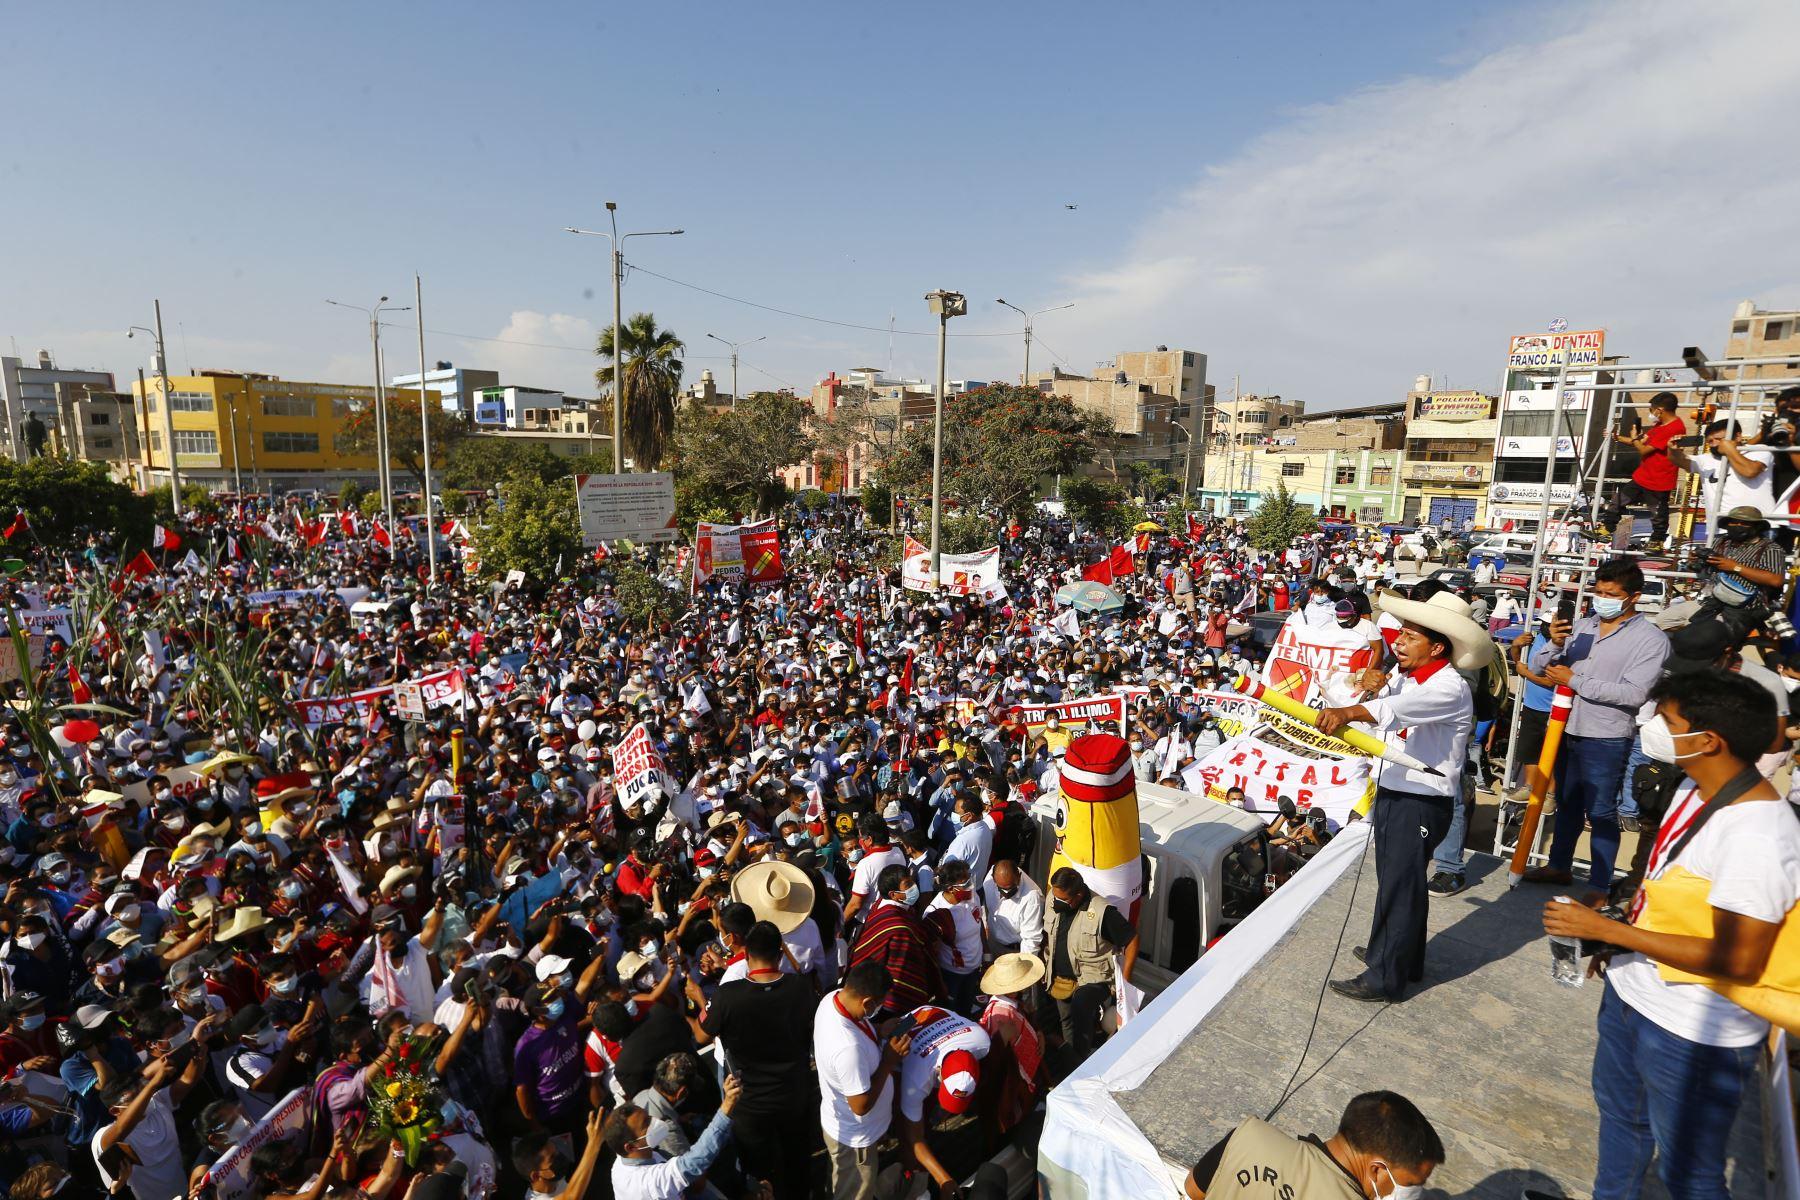 Mitin  del candidato de Perú Libre,  Pedro Castillo  en la ciudad de Chiclayo, como parte de su agenda en la región de Lambayeque.  Foto: ANDINA/Andrés Valle